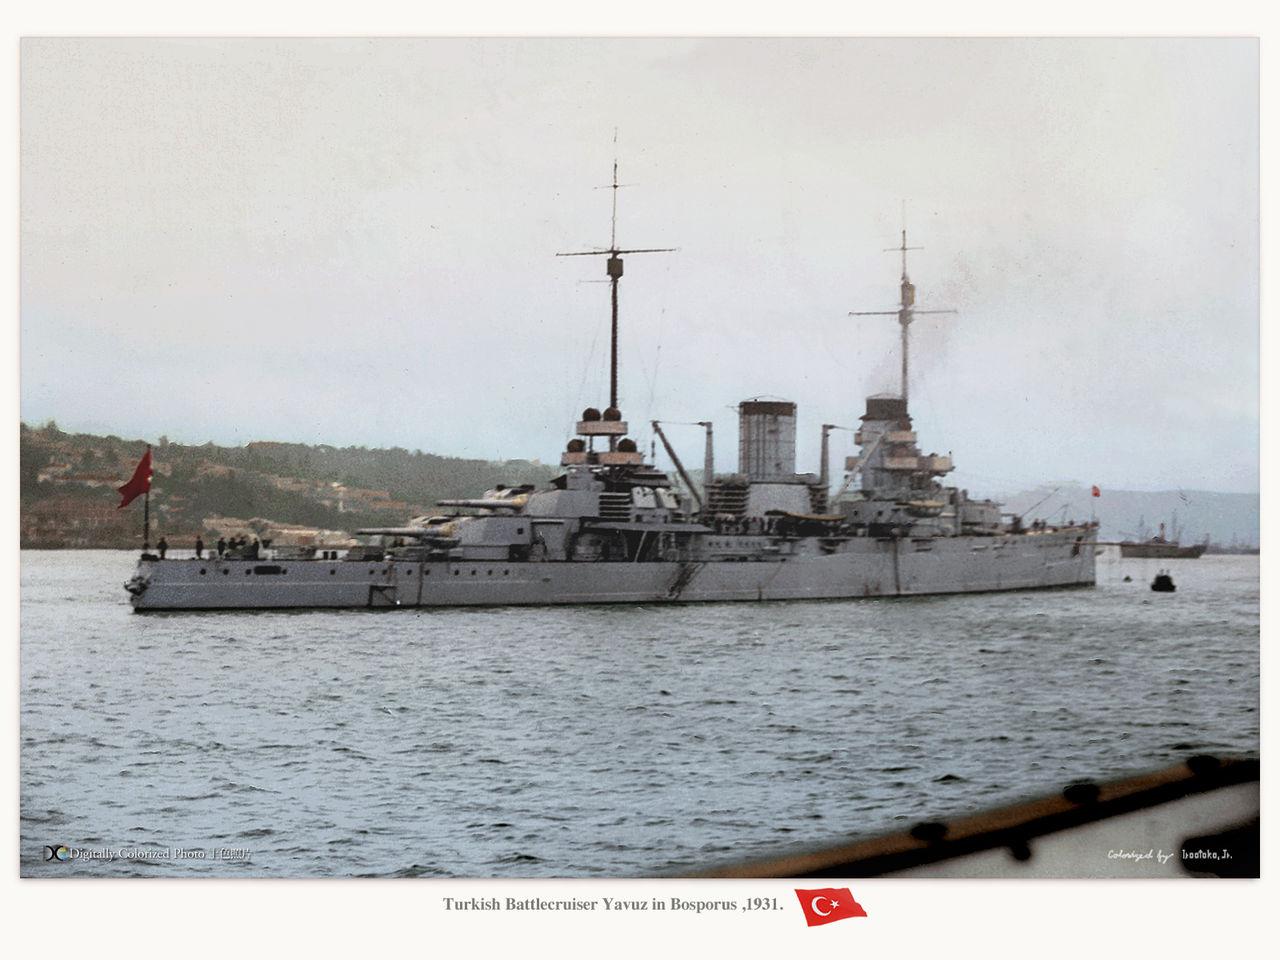 Battleship Yavuz in 1931